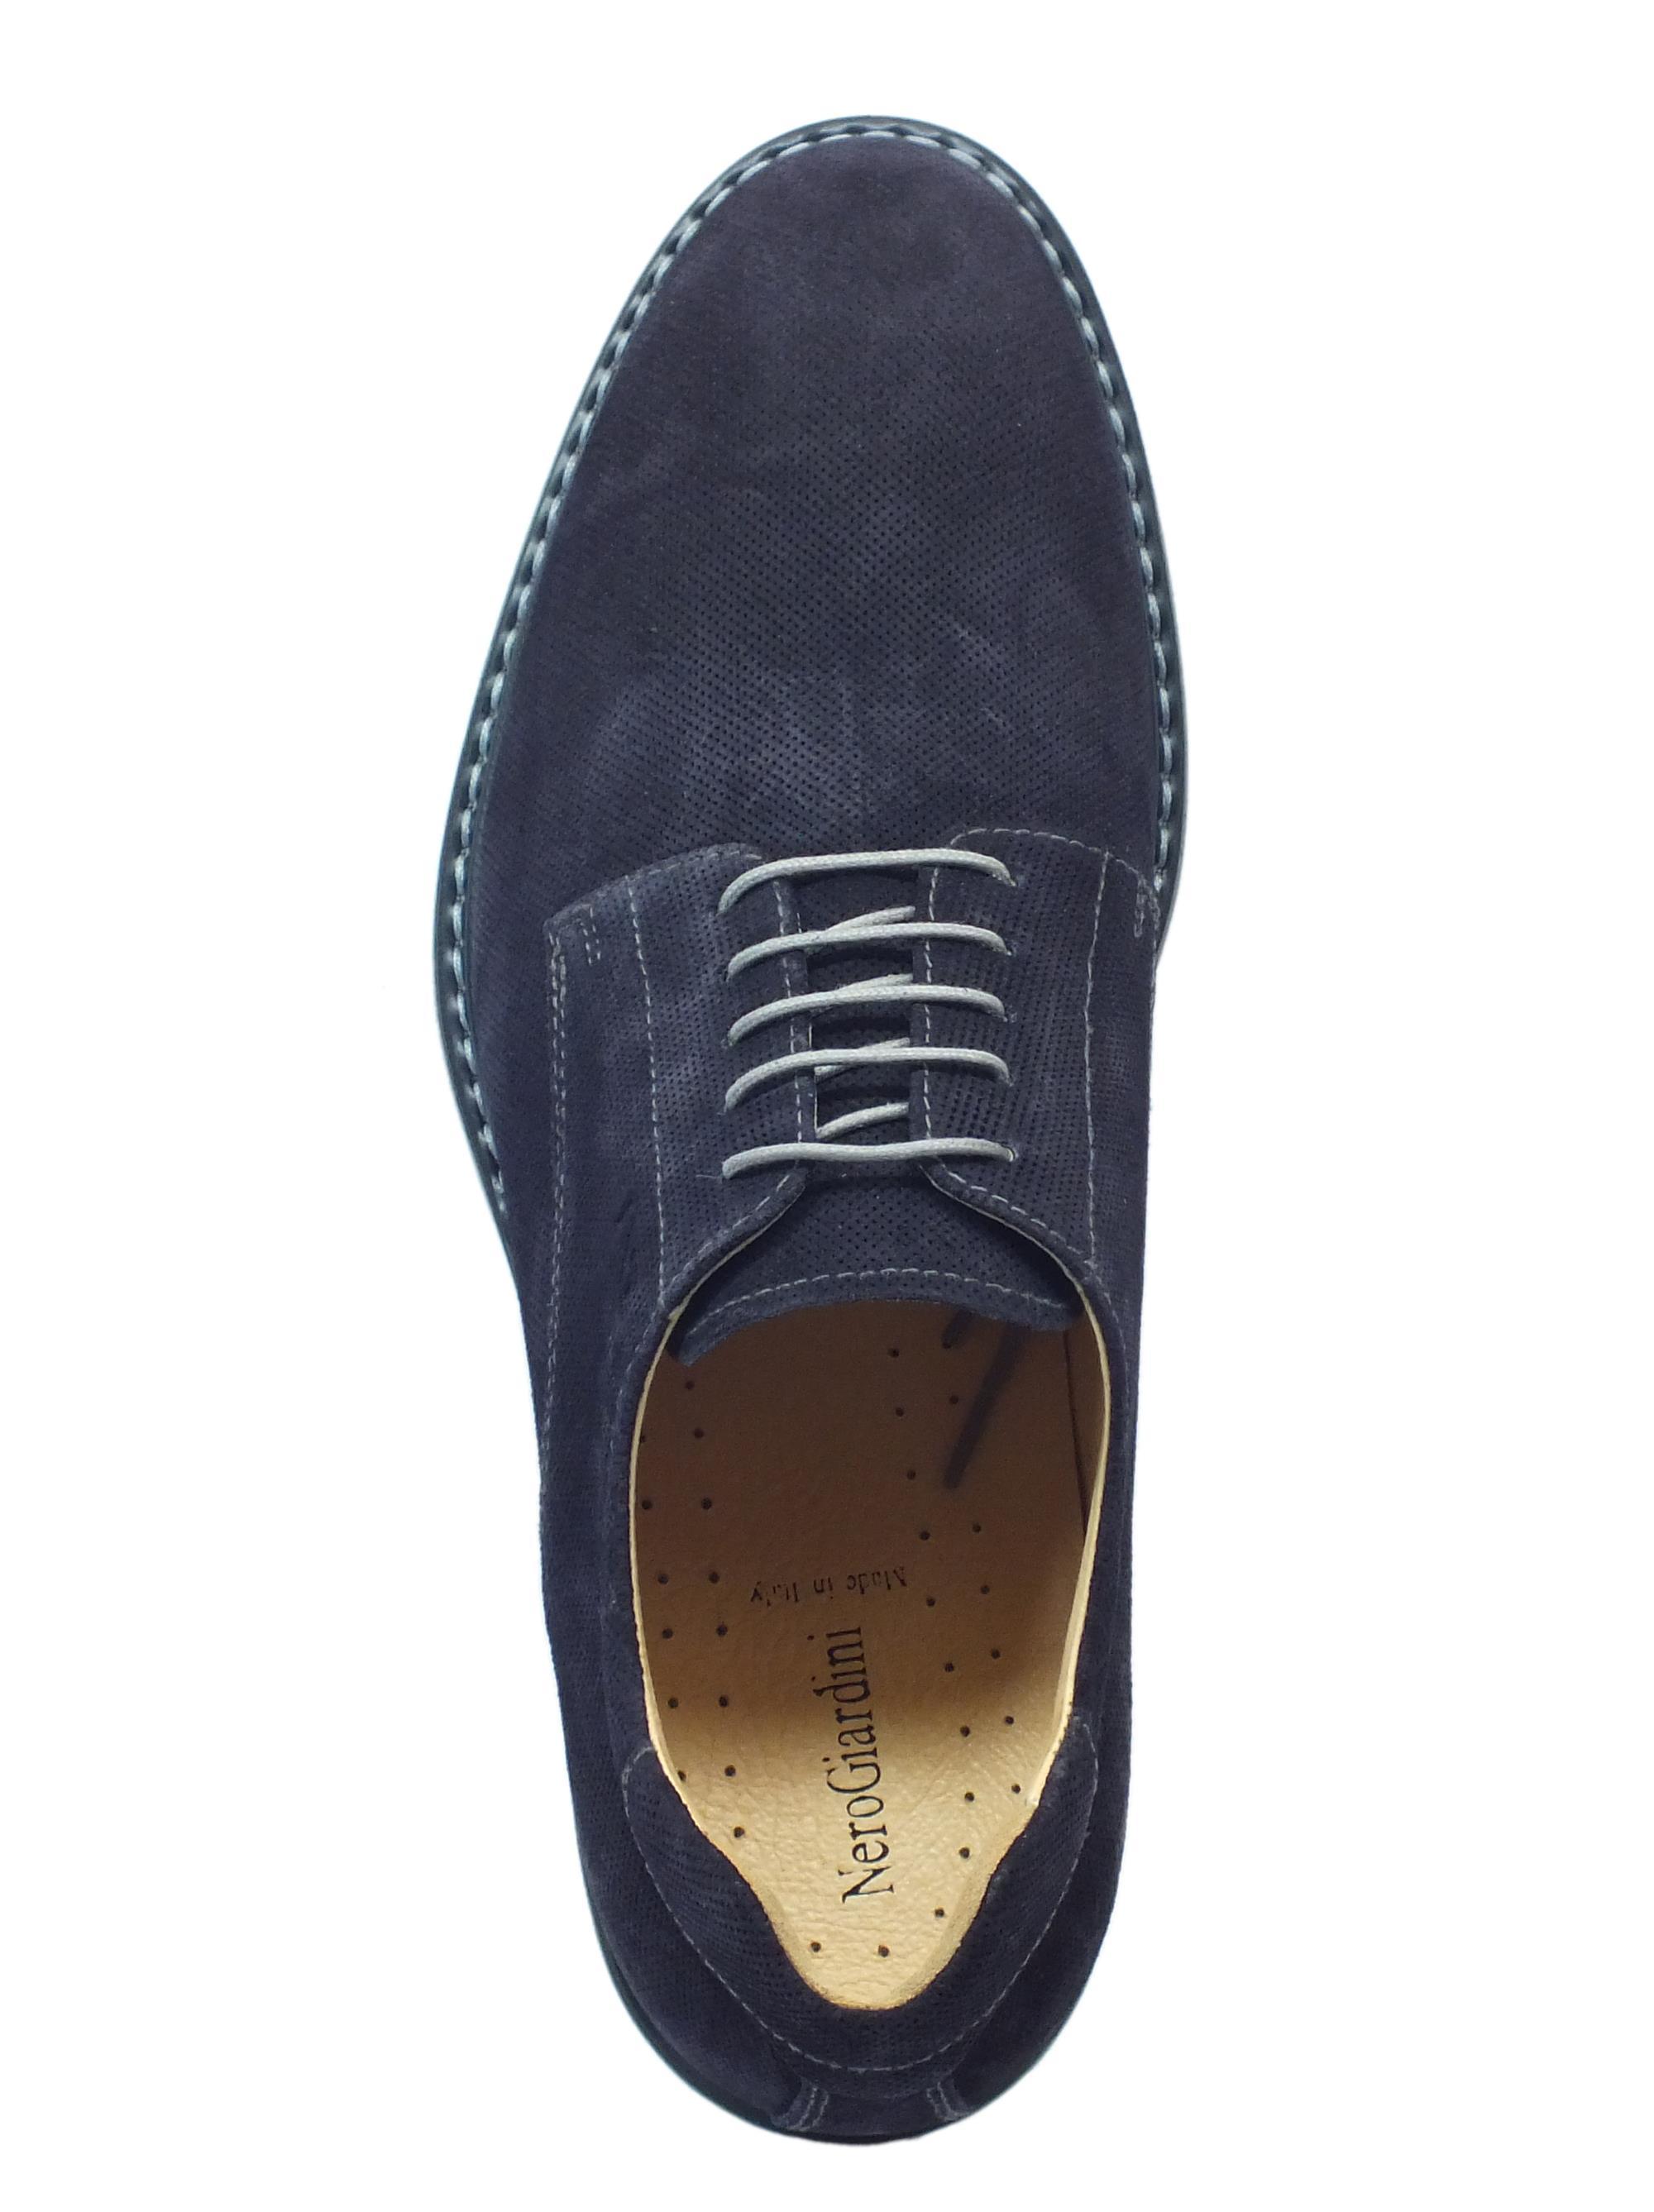 Scarpe NeroGiardini uomo nabuk blue microforato - Vitiello Calzature 7db98bdaa35